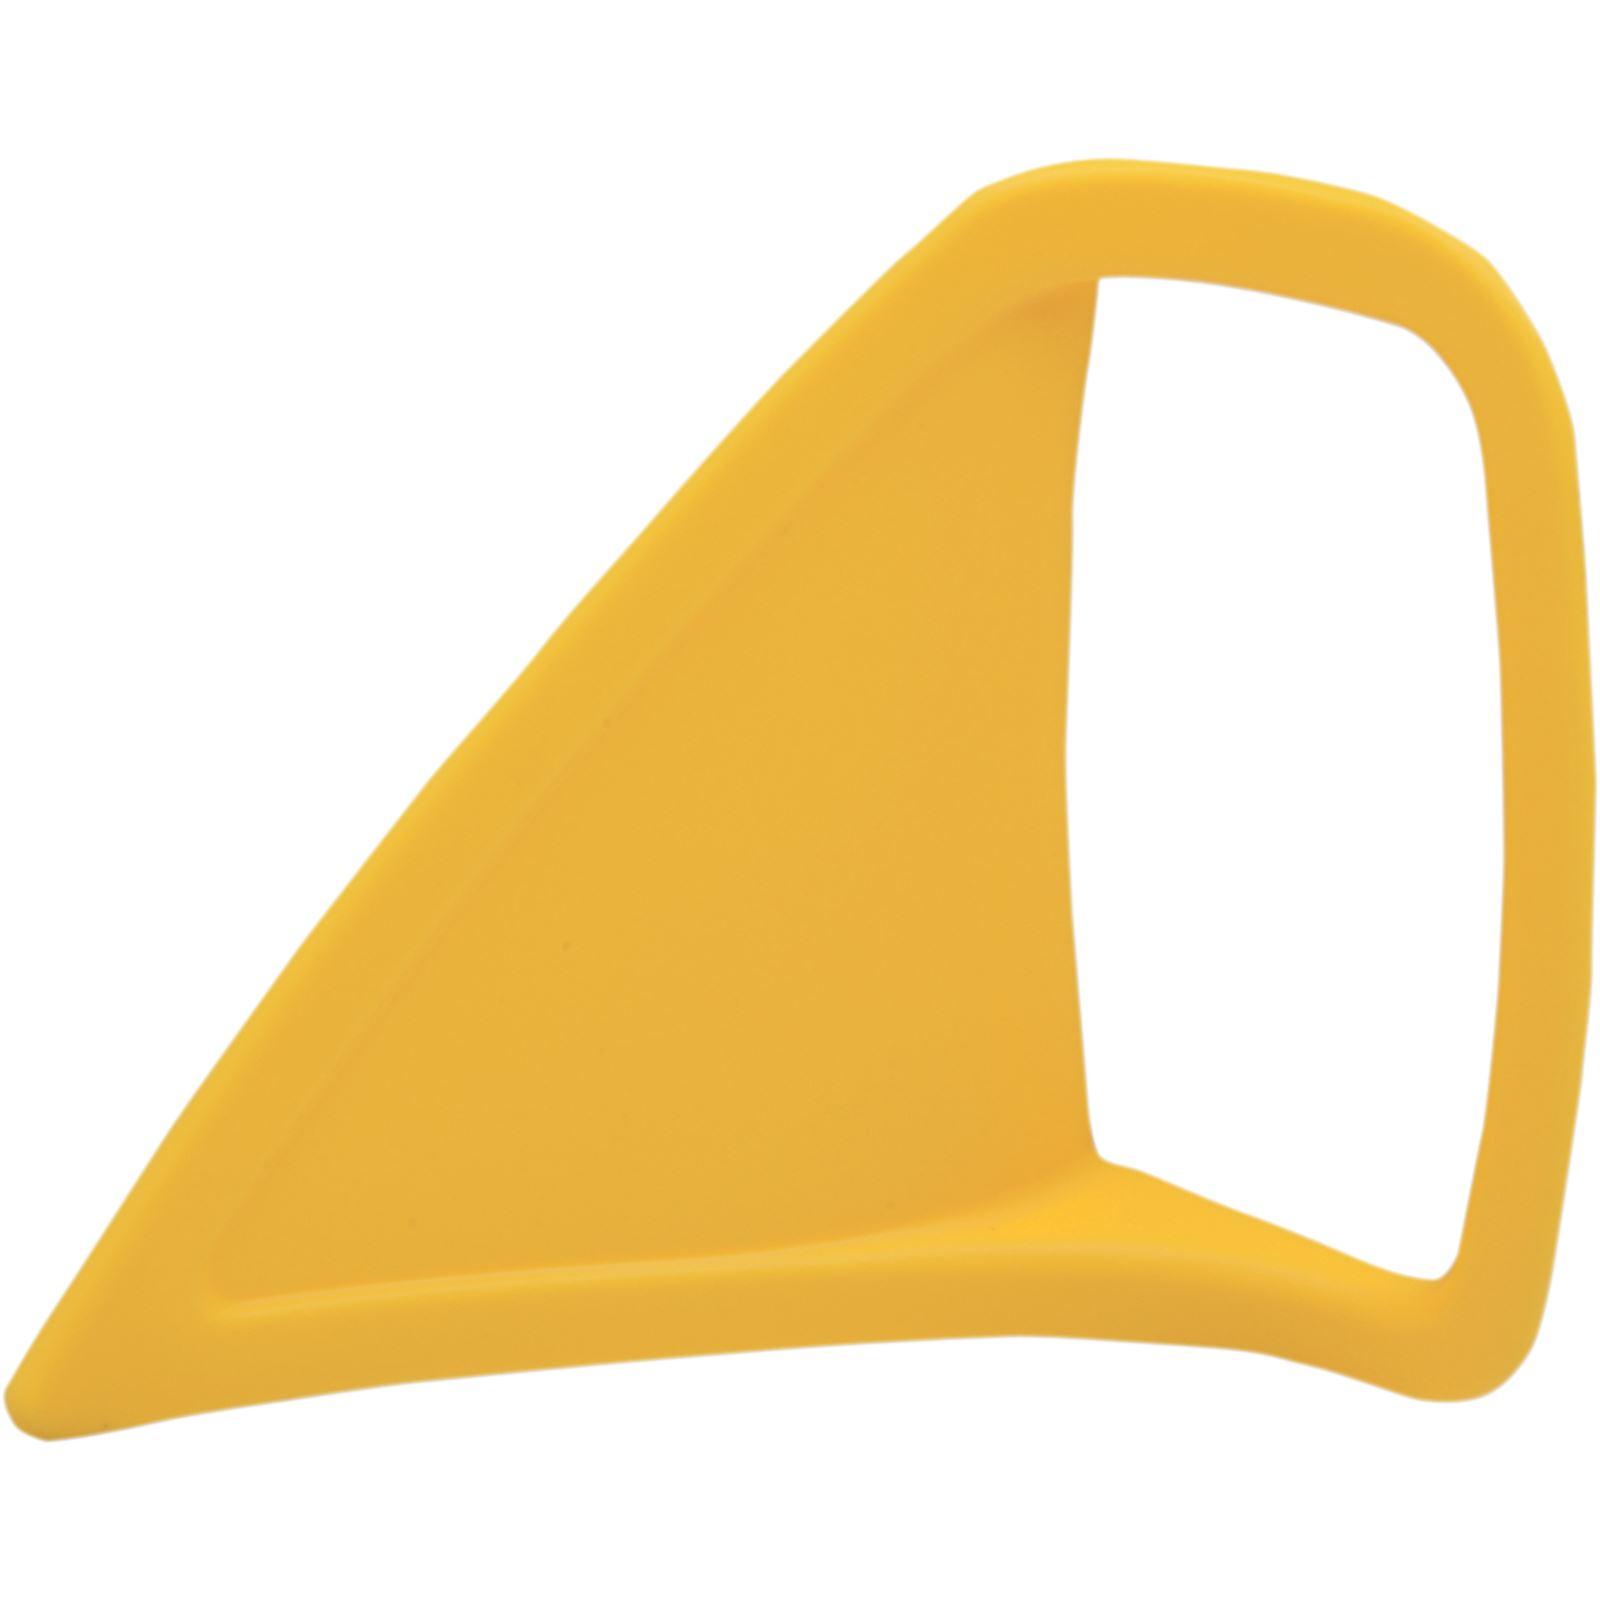 Stud Boy Trim Ring - Yellow - Ski-Doo